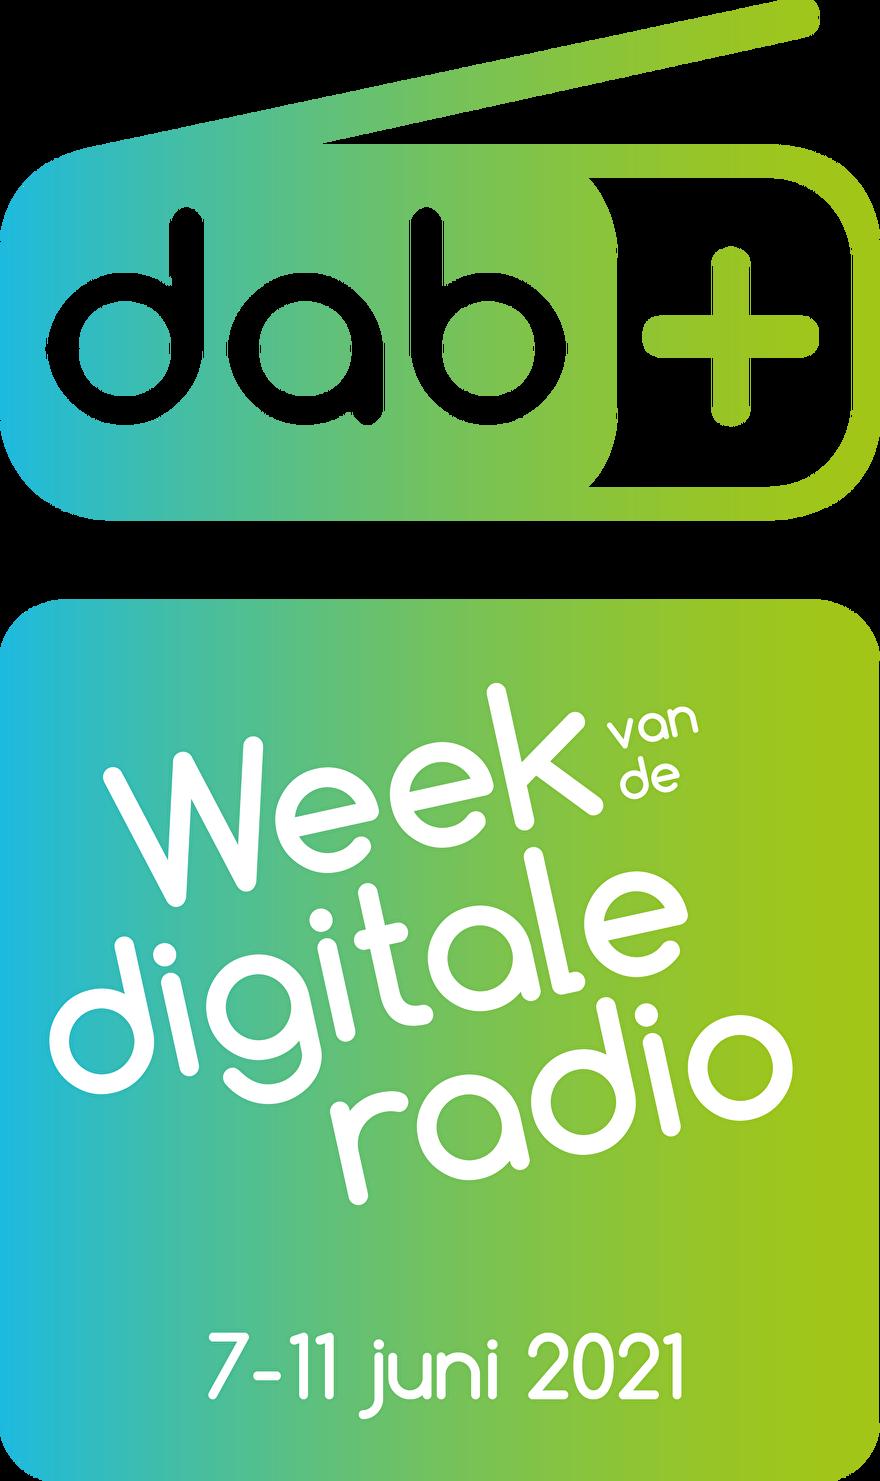 Week-van-Digitale-Radio-3_7_okt_2016-2.jpg